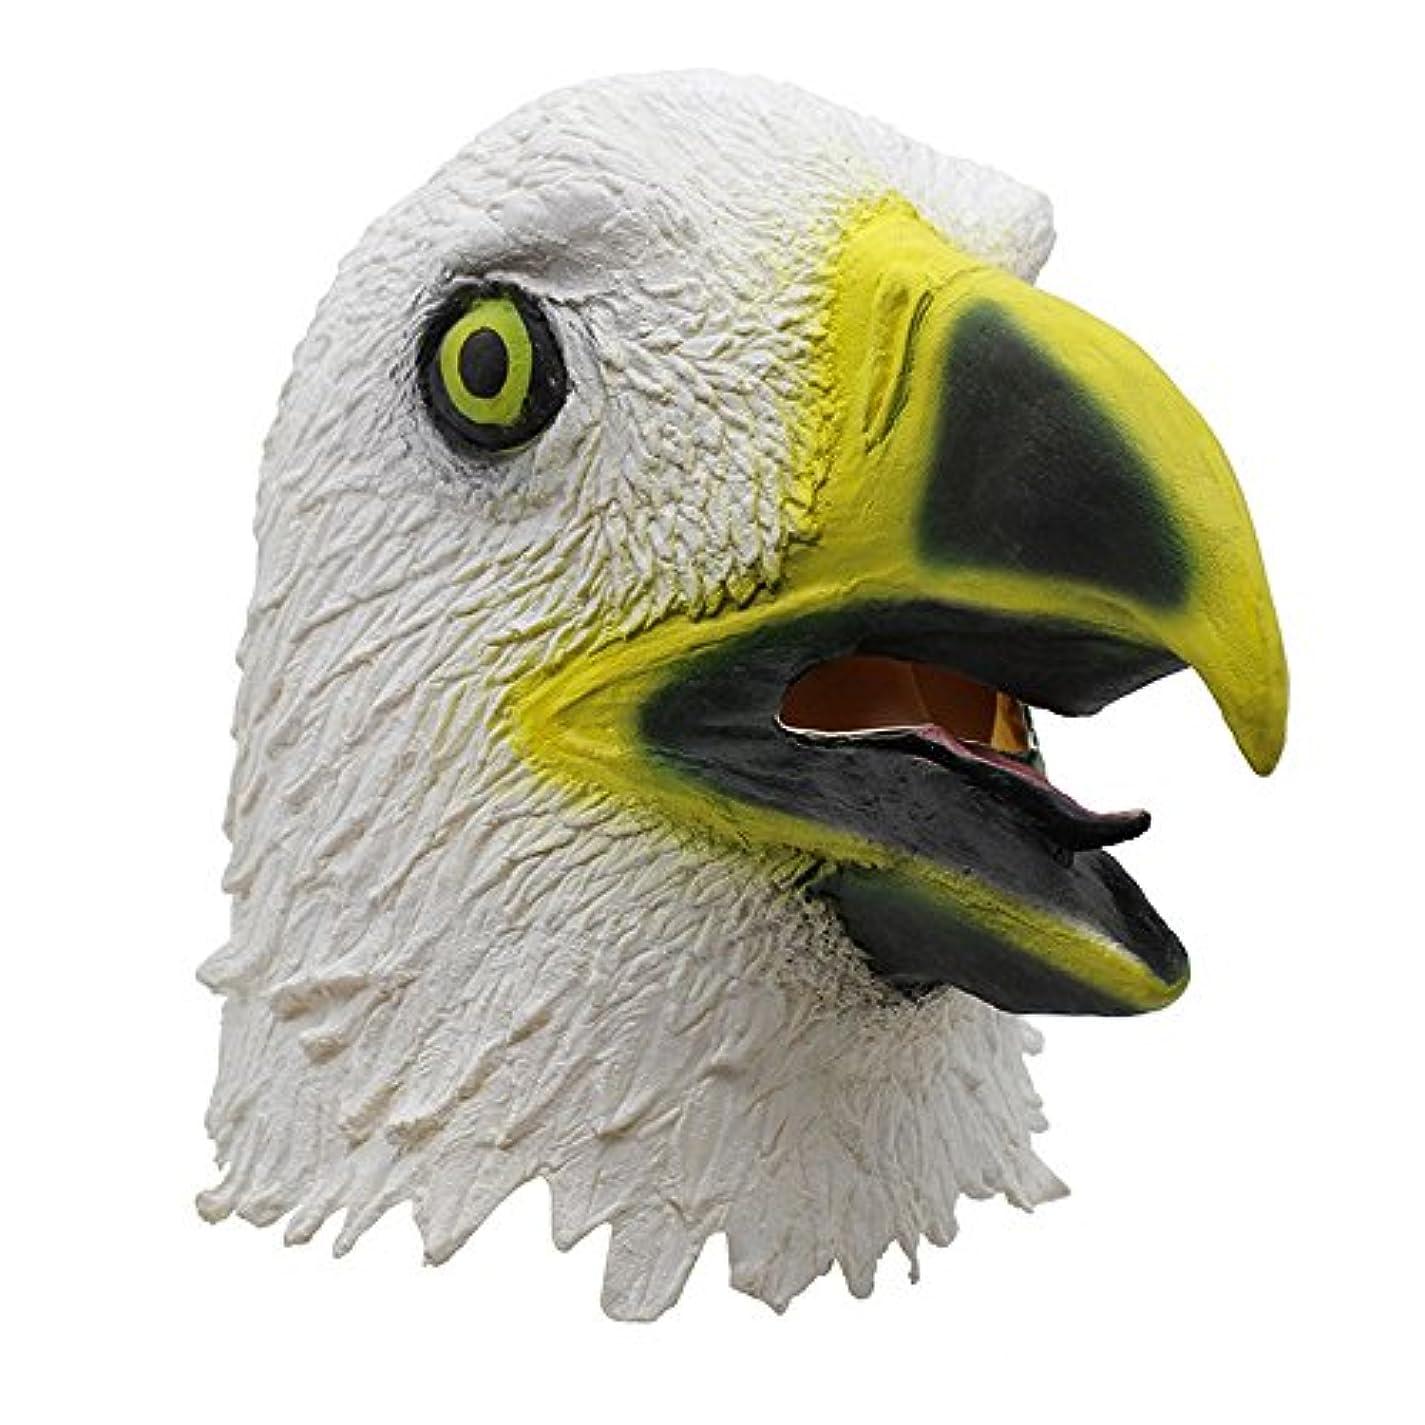 エスカレーター規制浸漬空白のイーグルフードトリッキーな現実的なマスクバーCOS怖い高騰 (Color : A)